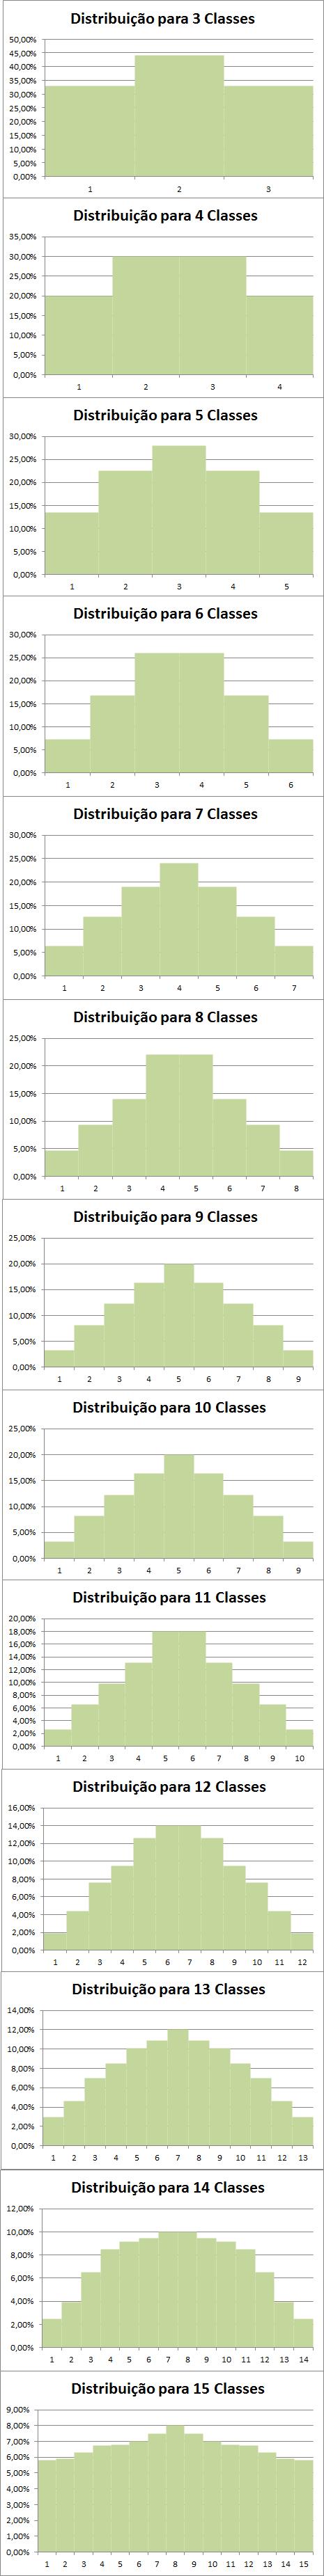 Gráficos gerados a partir da tabela